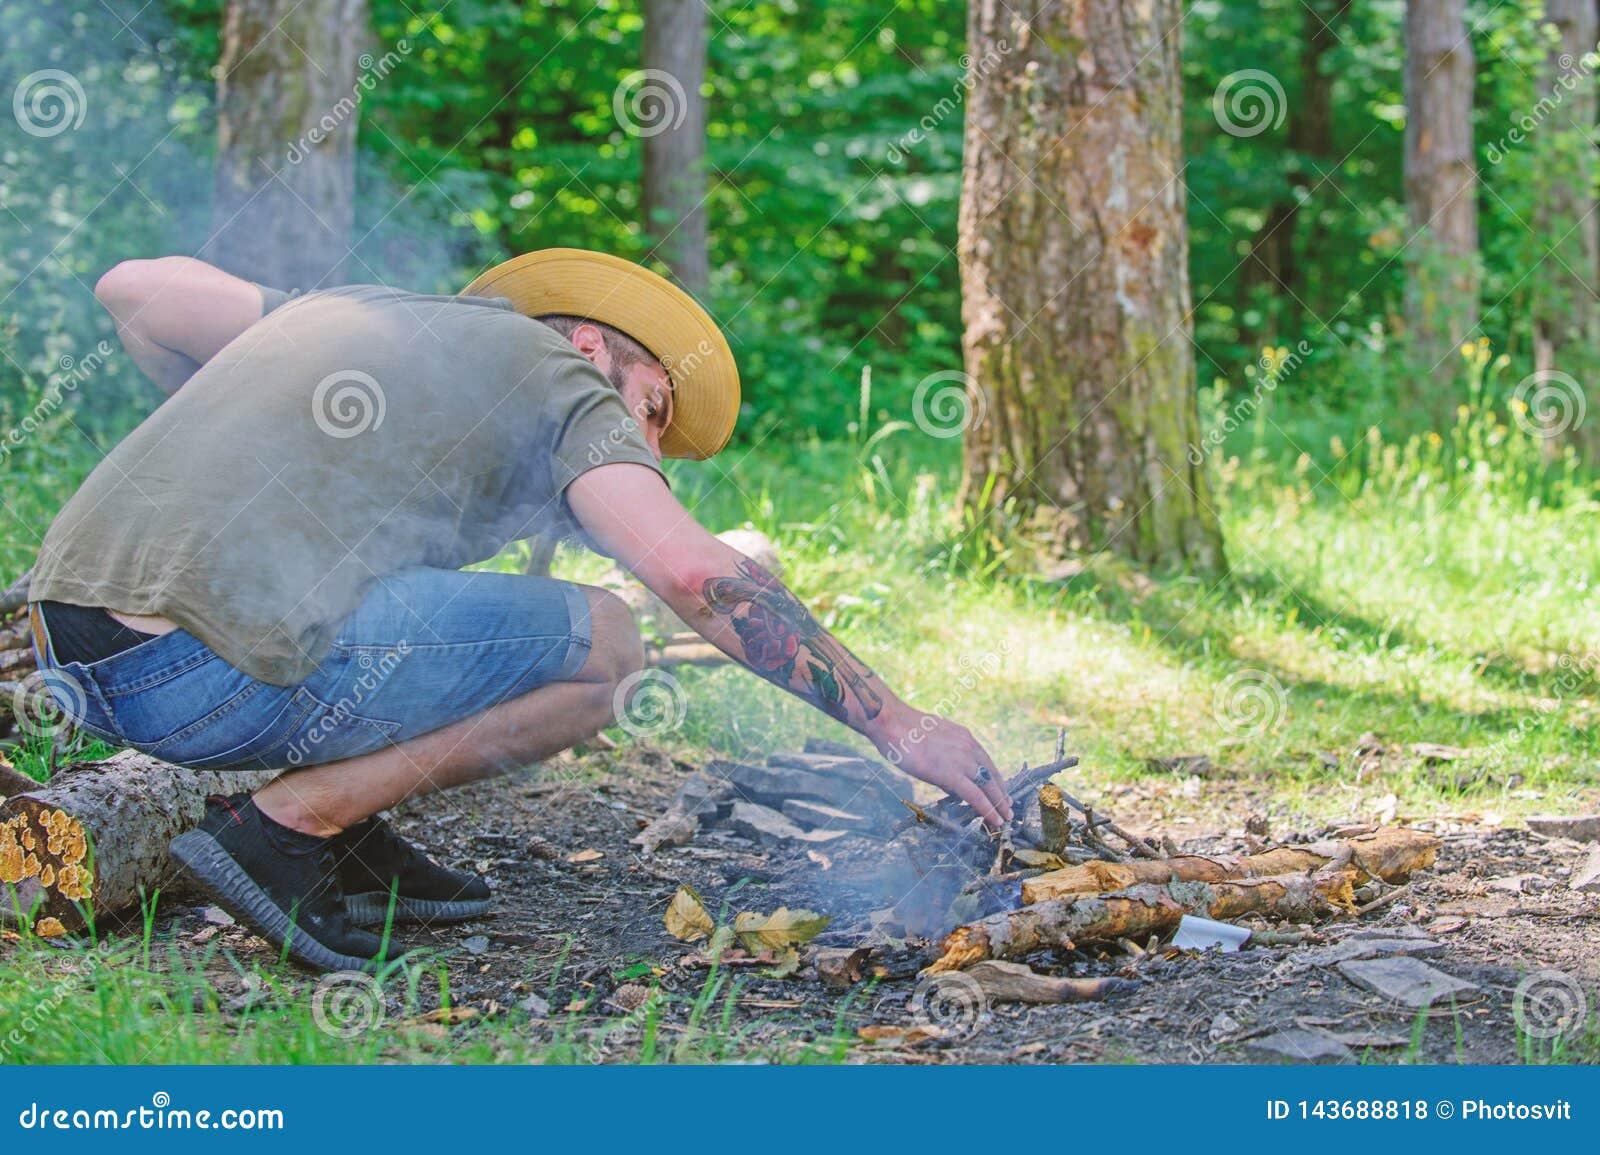 Uiteindelijke gids voor vuren Schik de houttakjes of de houten stokken die zich als een piramide bevinden en plaats onder de blad